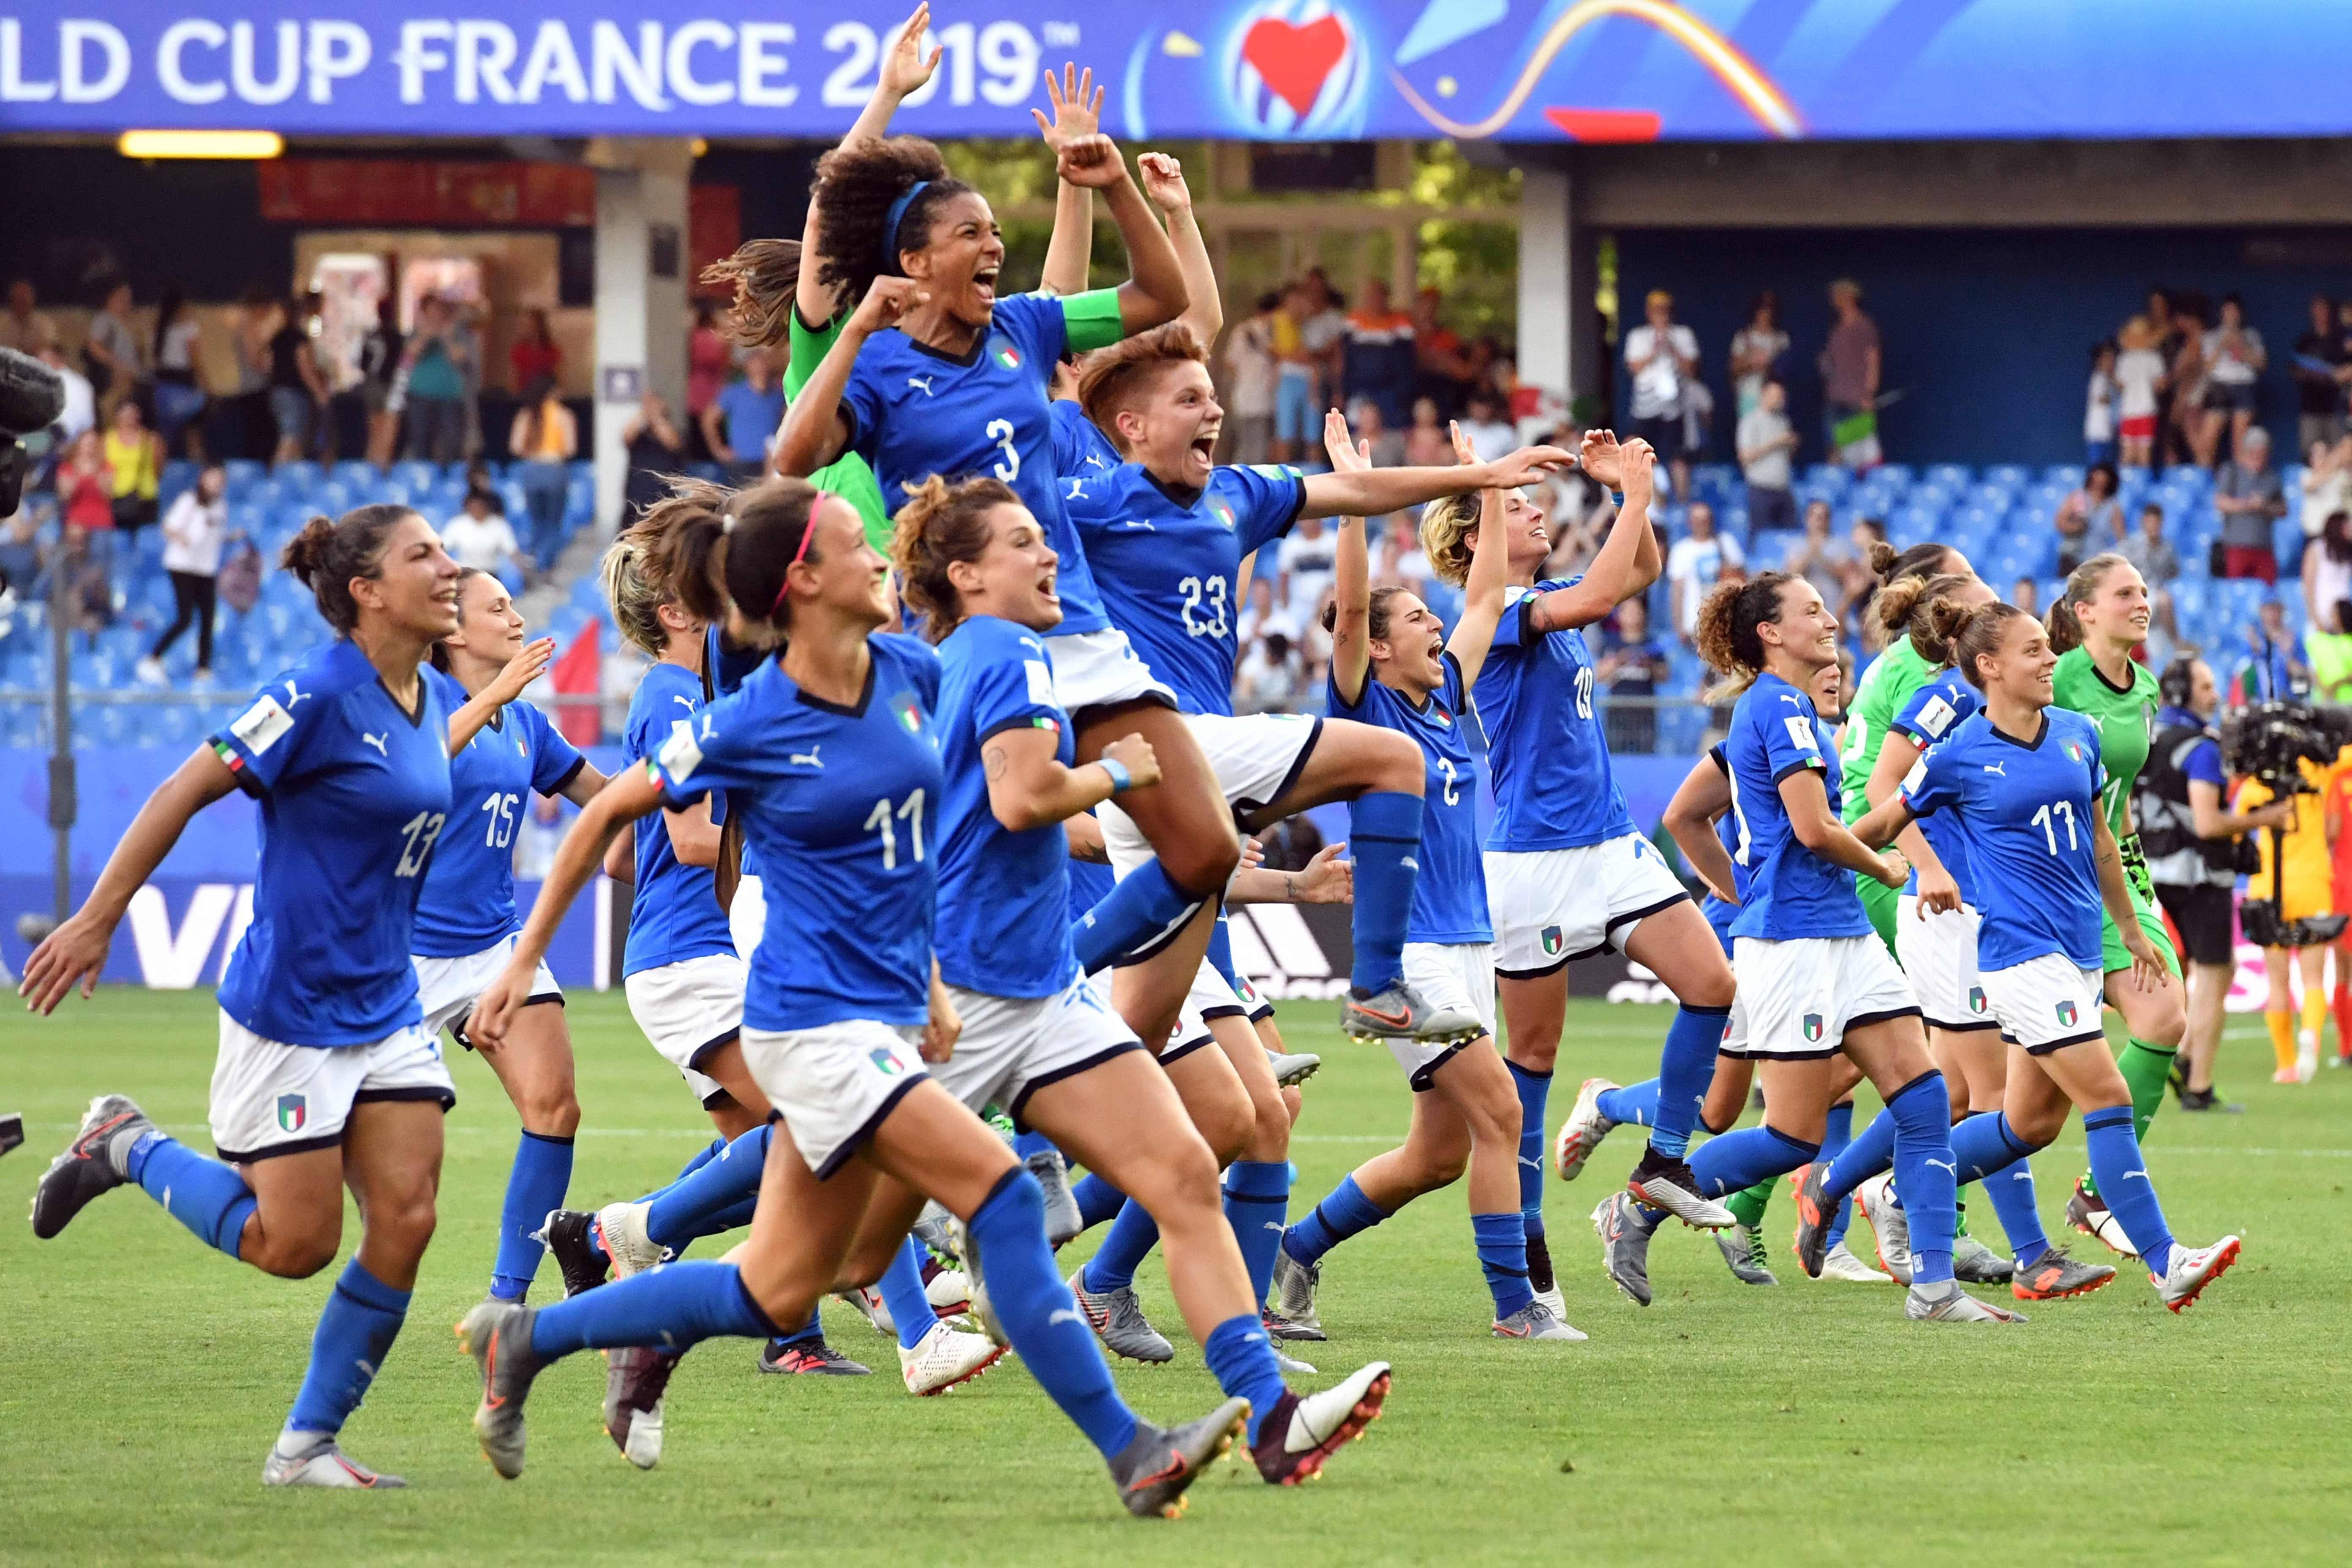 Mondiali di Calcio Femminile, Quarti, Italia vs Olanda | Diretta Rai 1 e Sky Sport